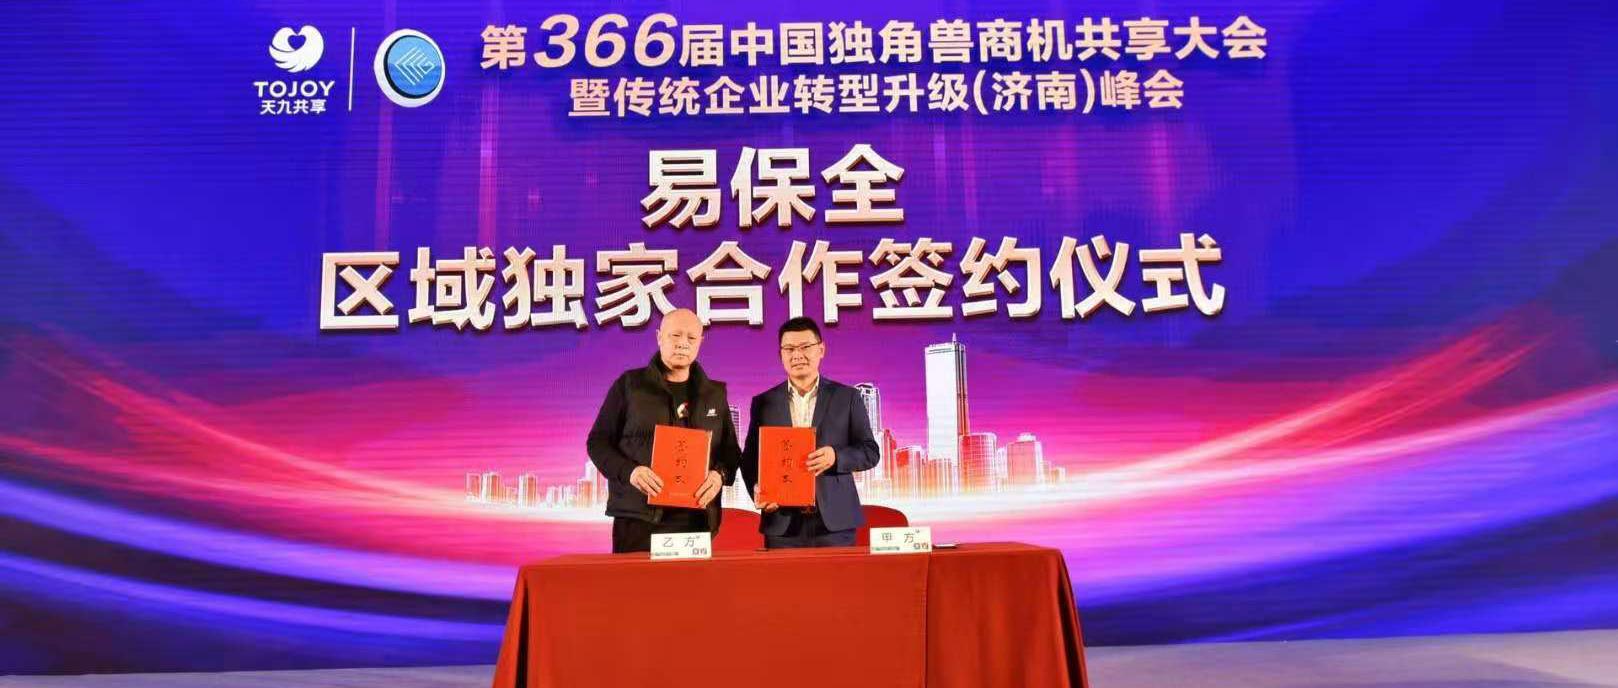 线下首发 | 易保全亮相中国独角兽商机共享大会,区块链电子合同项目大受欢迎